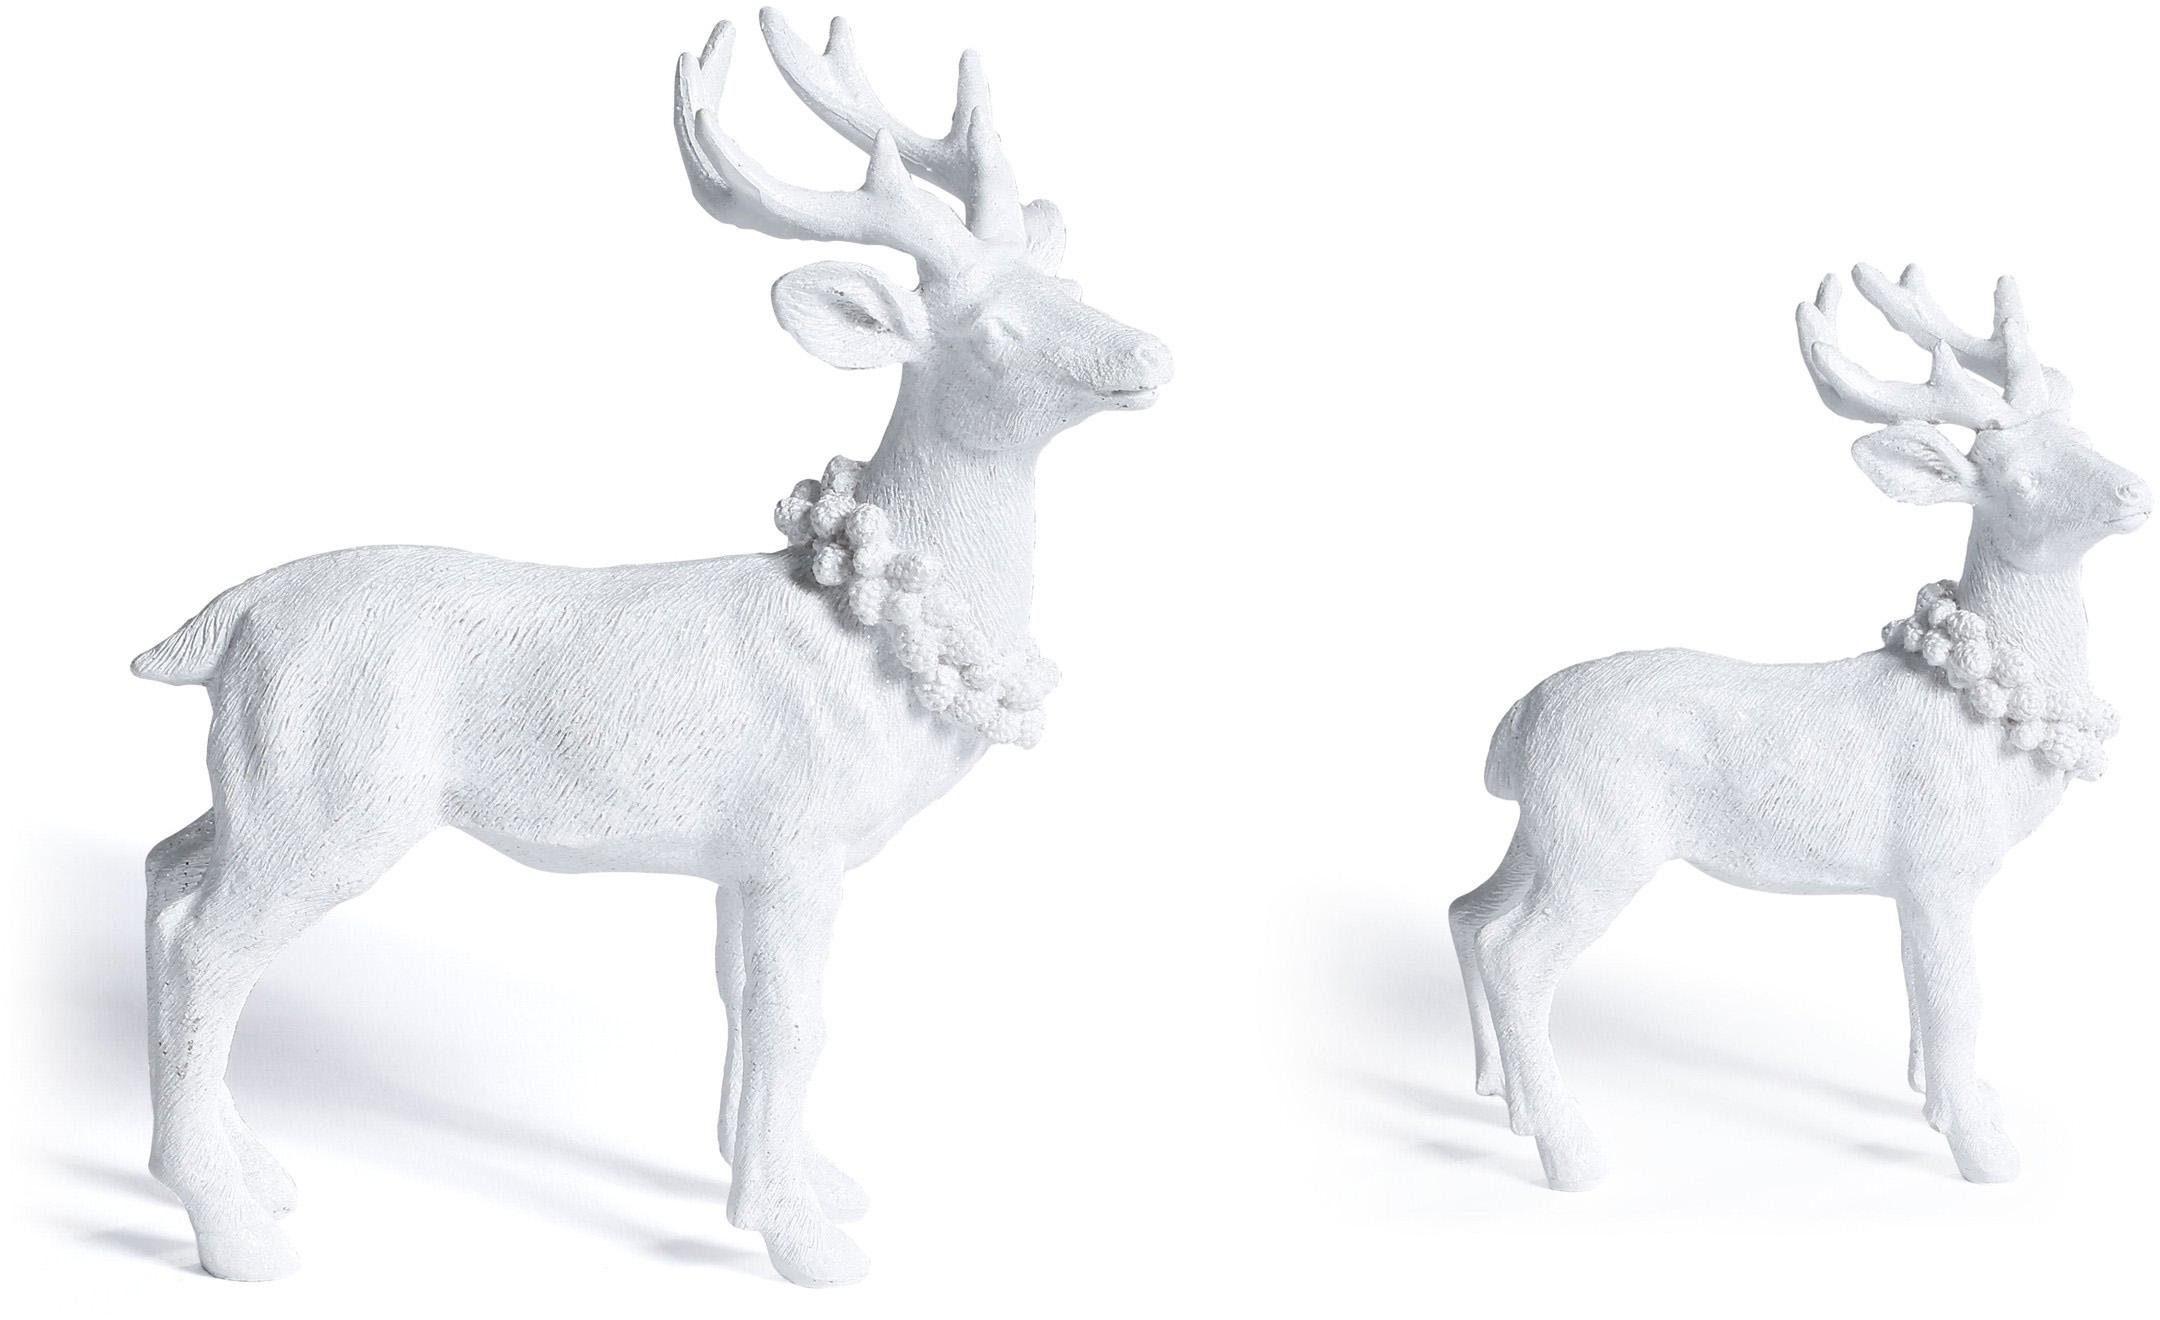 CHRISTMAS GOODS by Inge Tierfigur Hirsch weiß Tierfiguren Figuren Skulpturen Wohnaccessoires